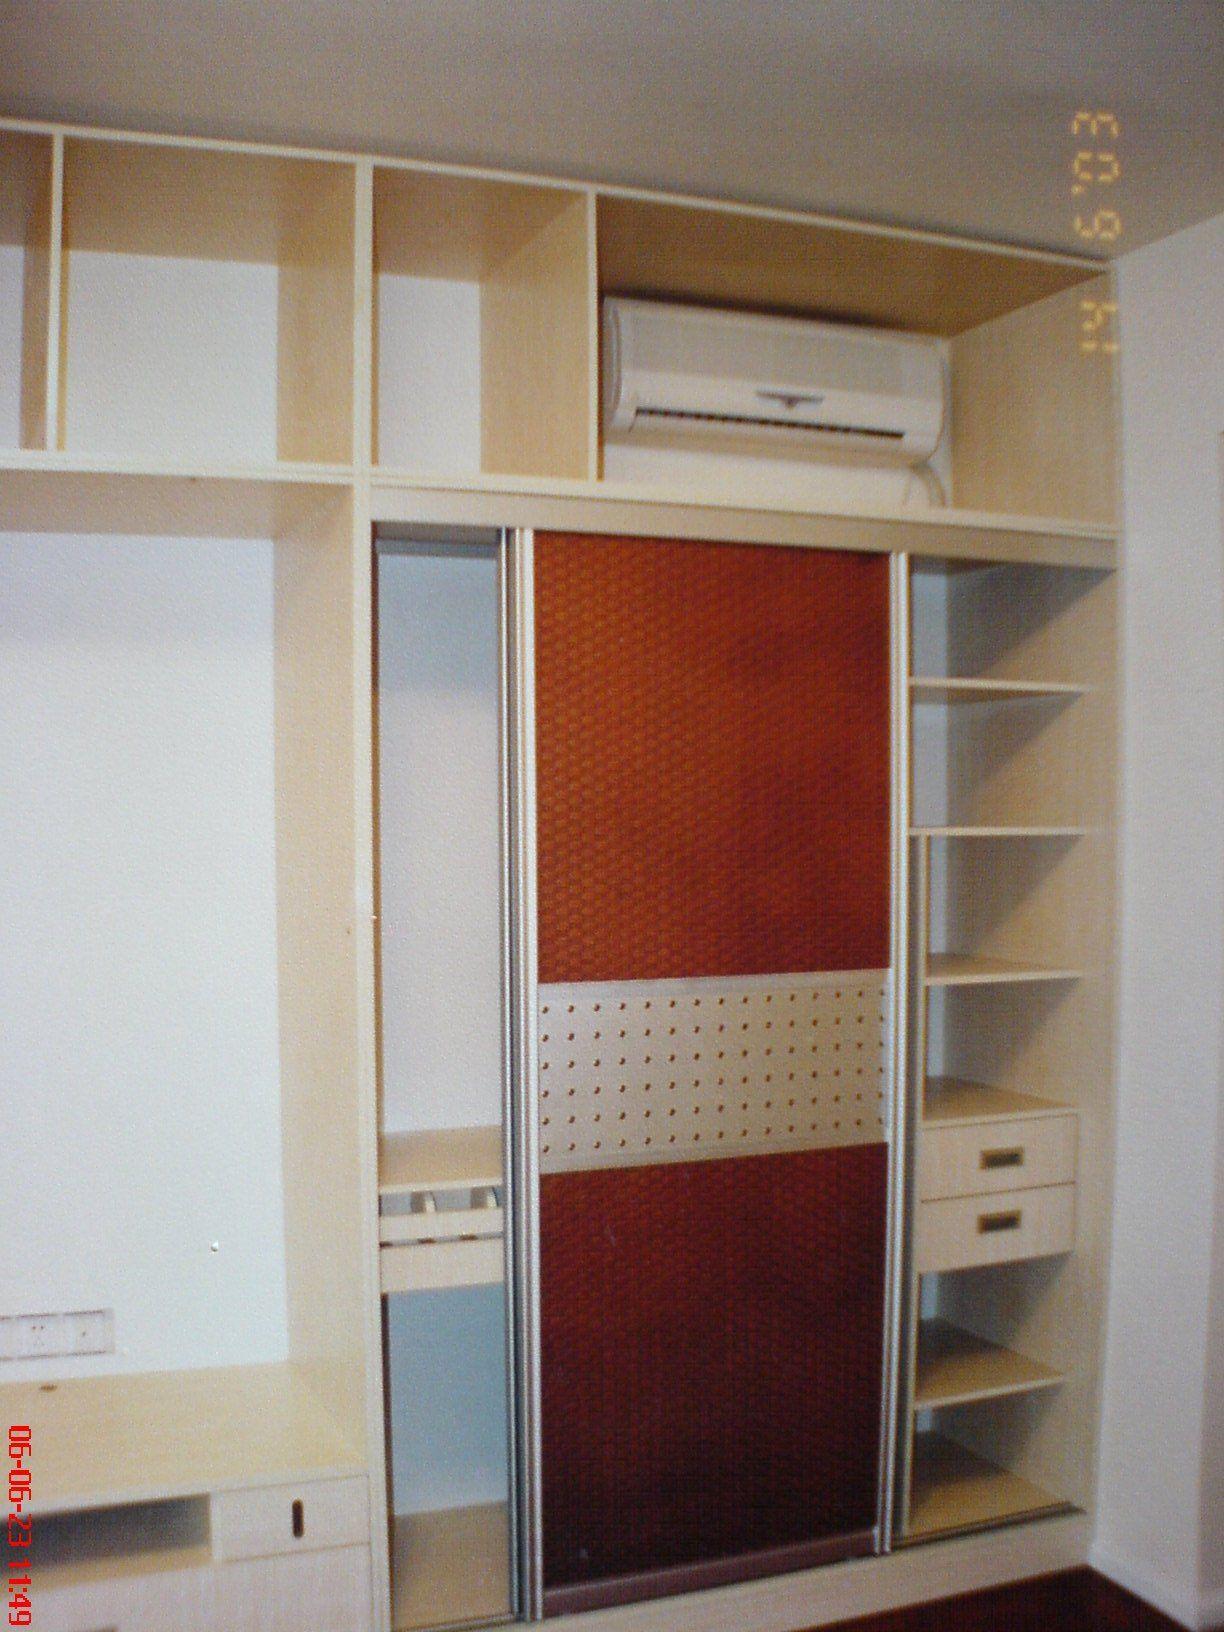 定制衣柜安装要另外收费吗 定制衣柜安装价格汇总